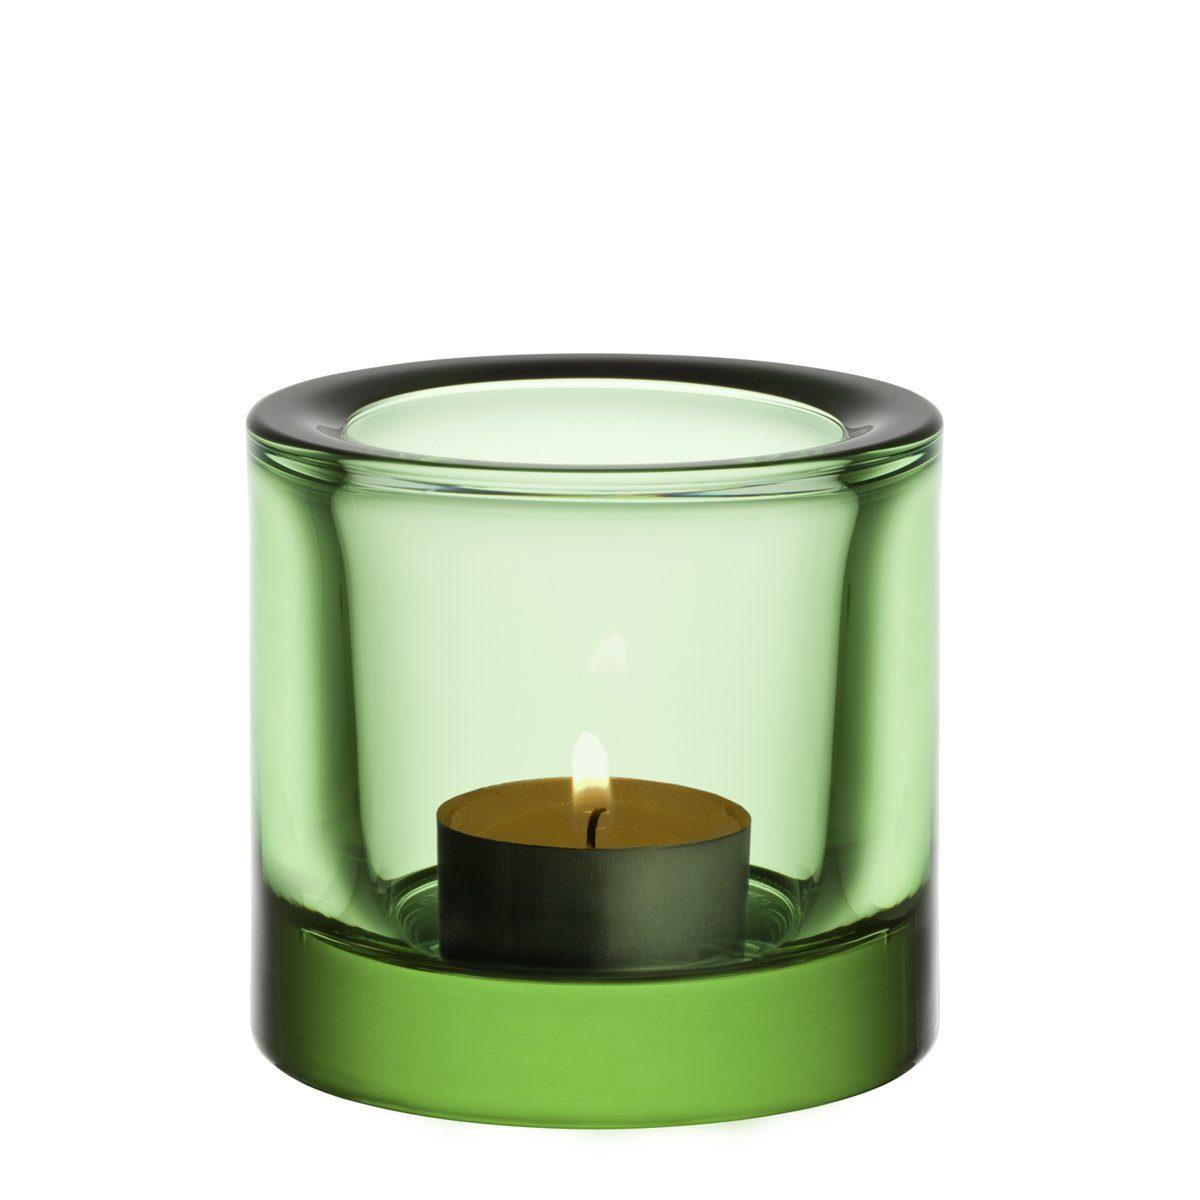 IITTALA Iittala Teelichthalter KIVI apfelgrün 6 cm